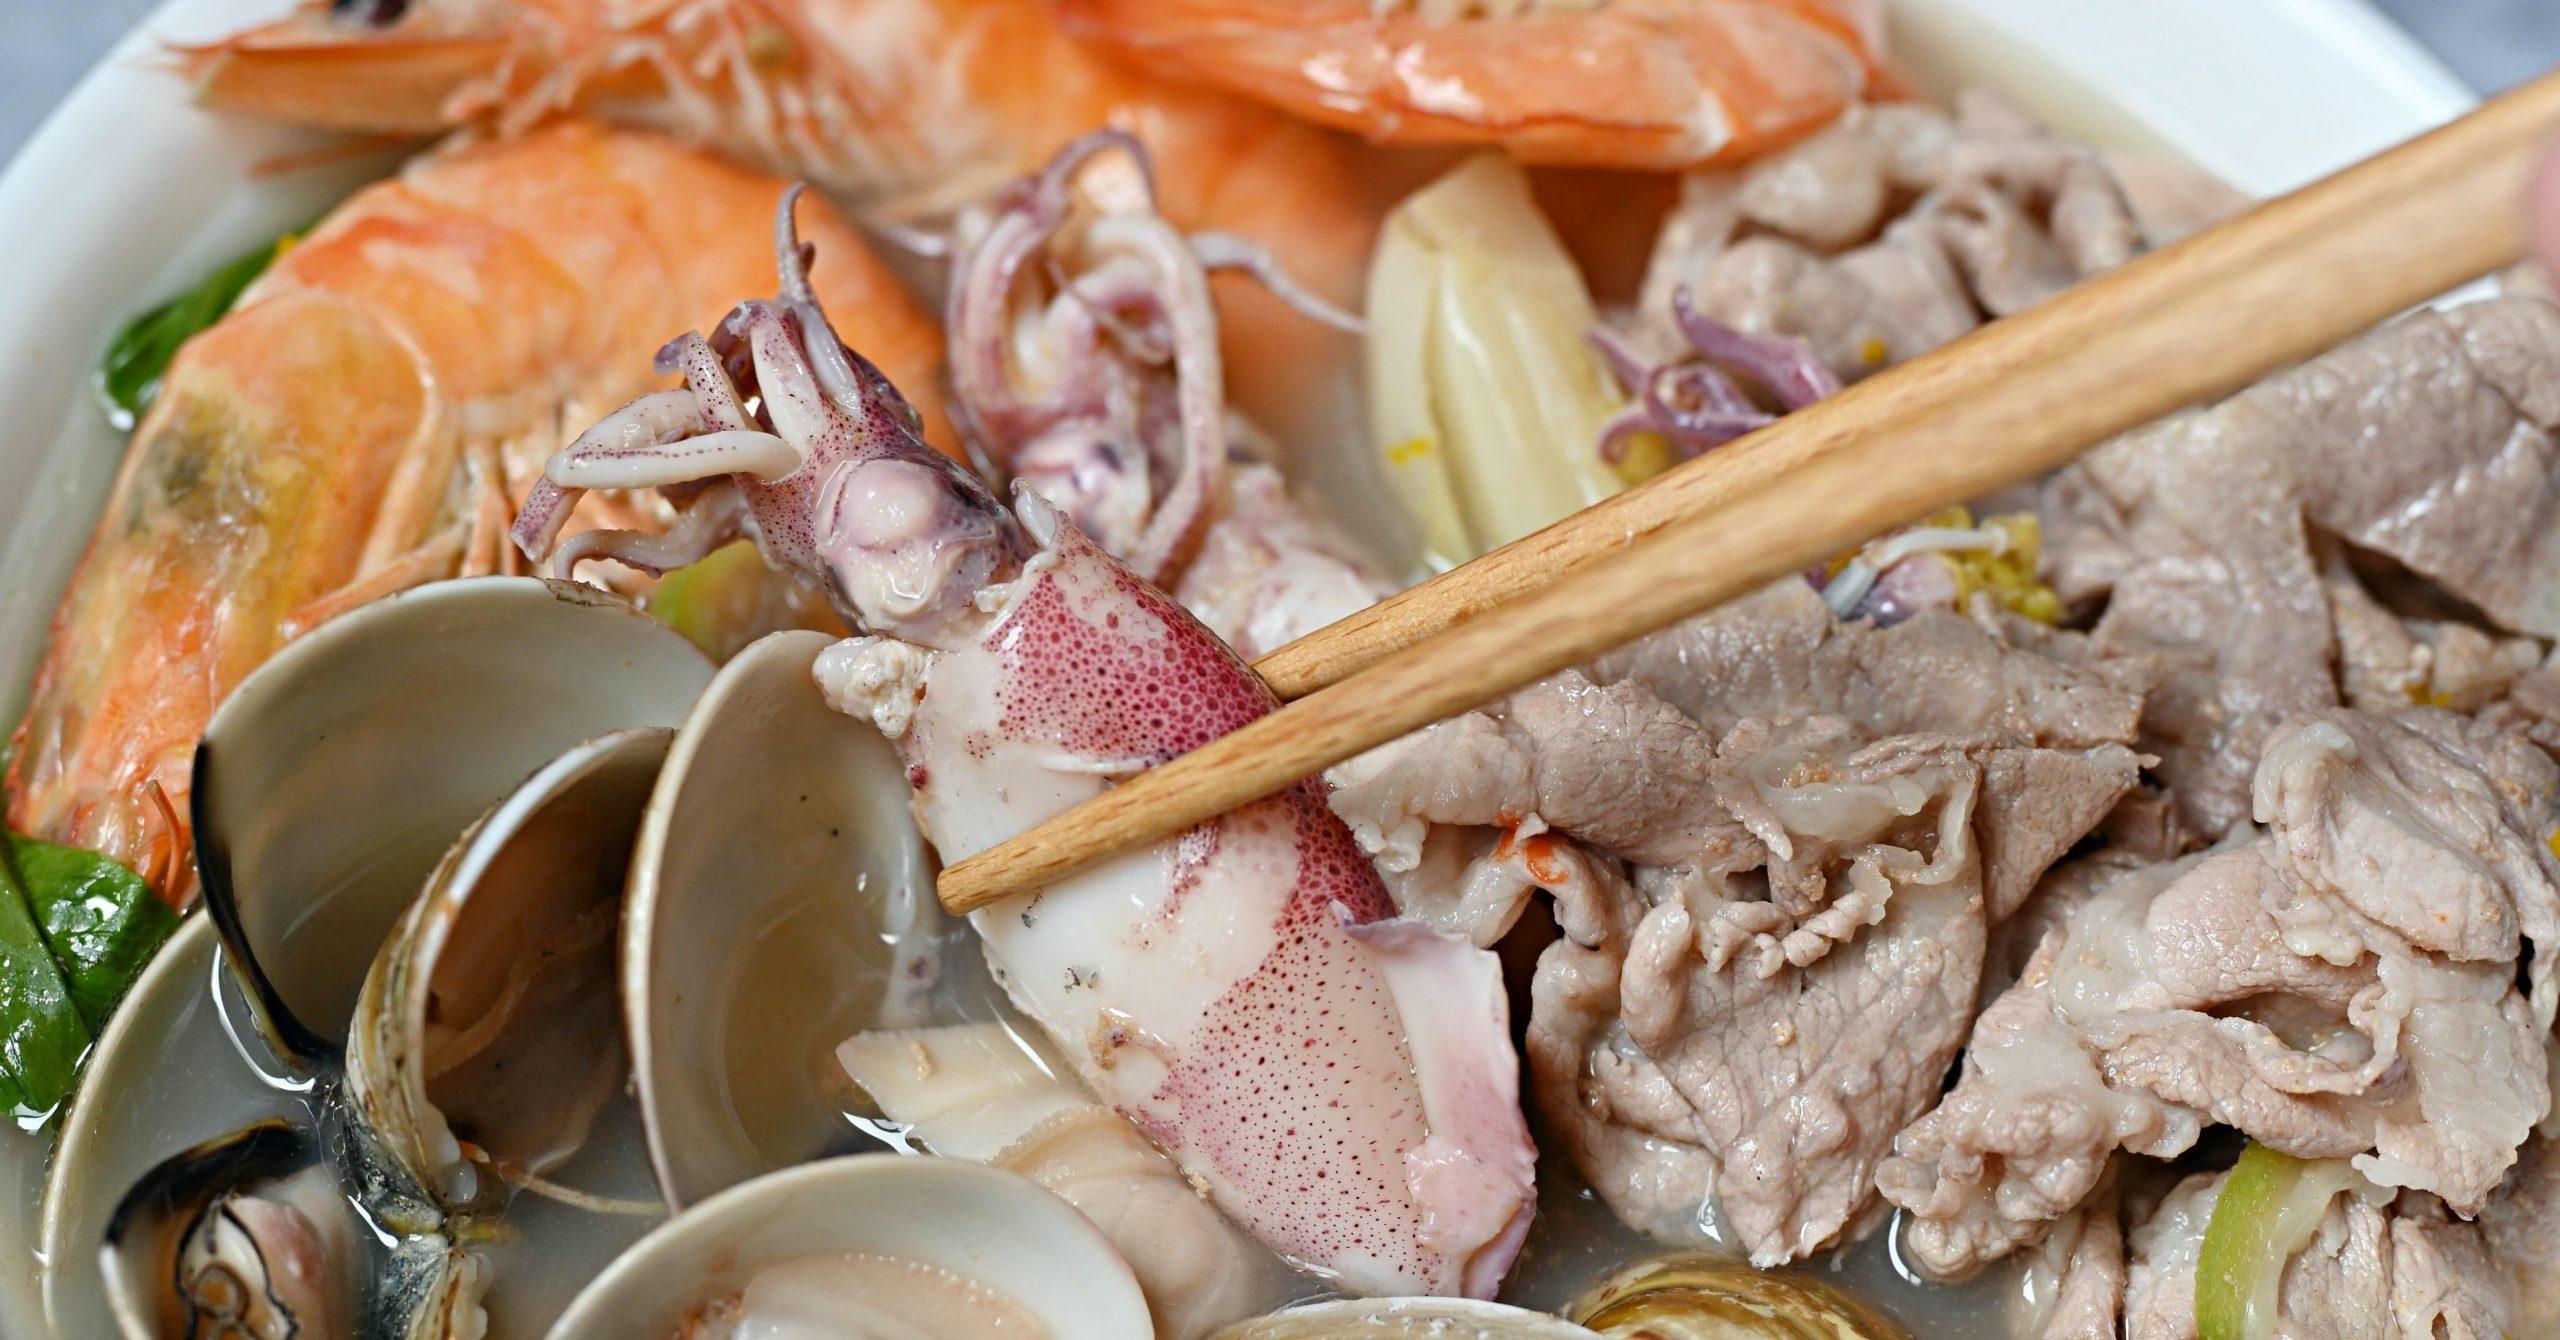 火鍋推薦,永和美食,小海水產mini鍋菜單,小海水產mini,小海mini,小海水產福和店 @Nash,神之領域